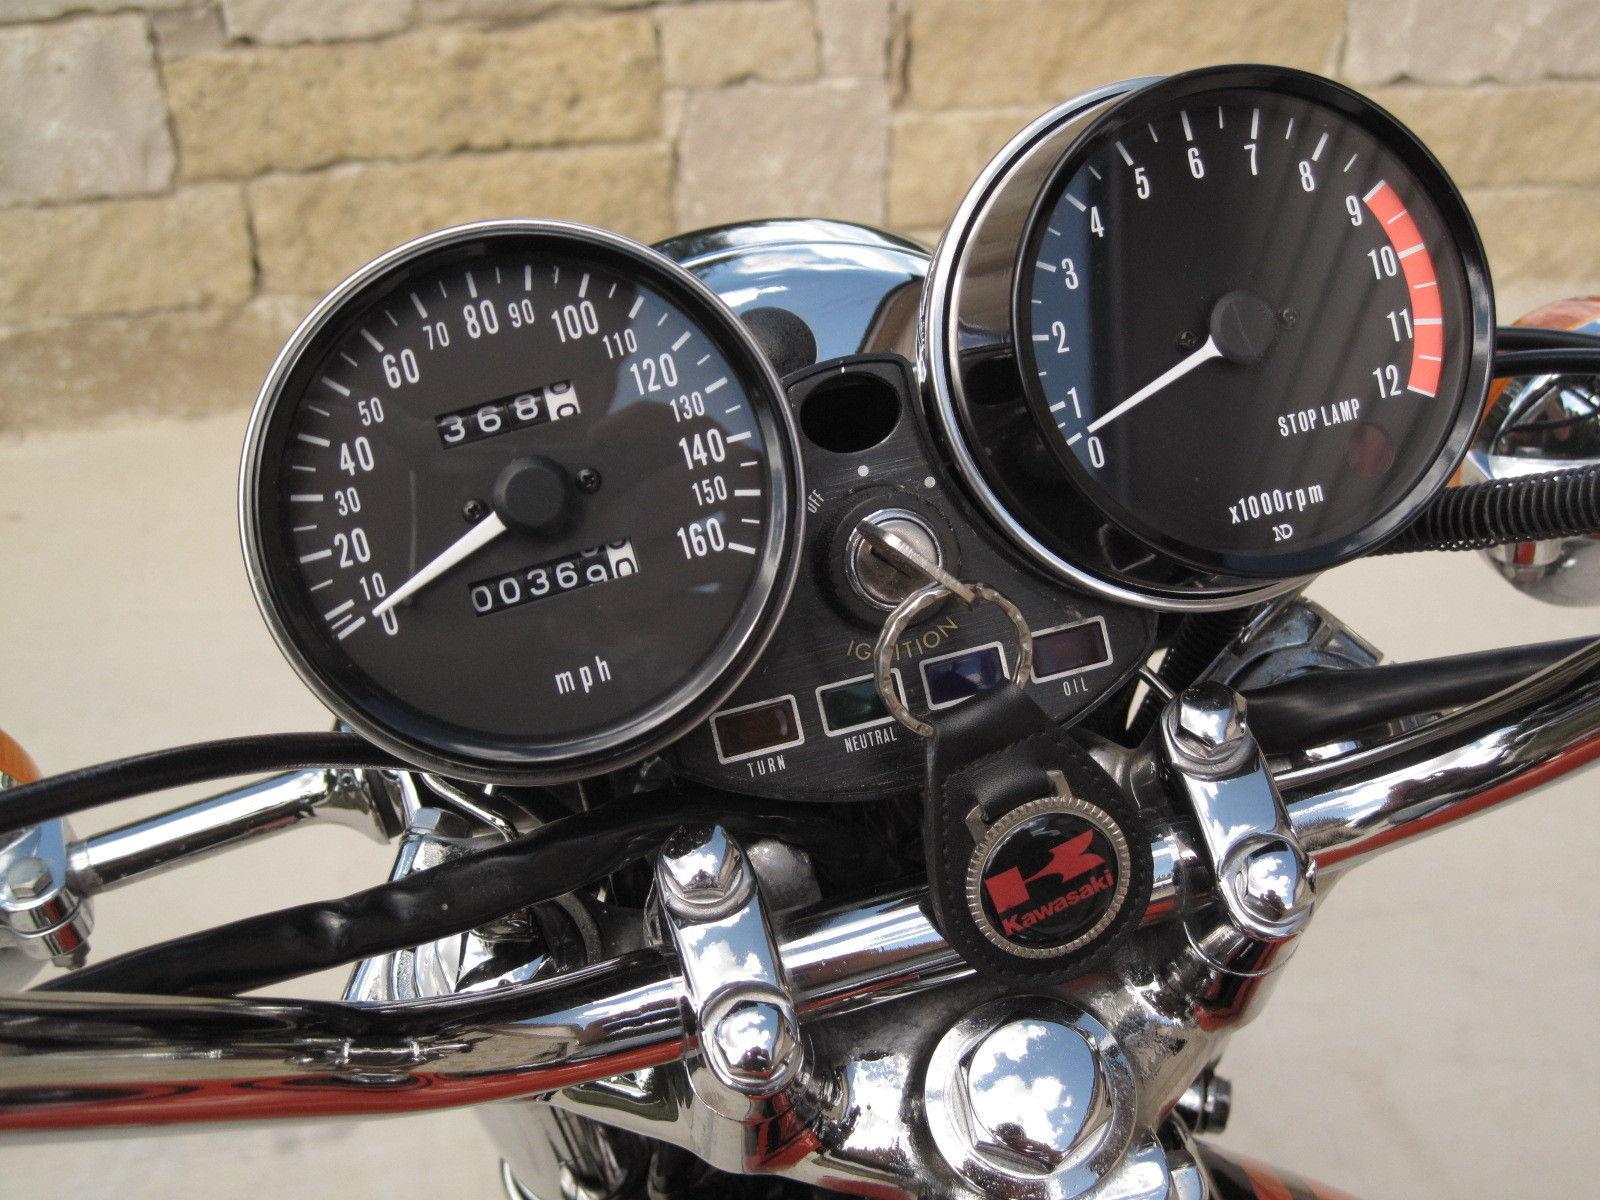 Kawasaki Z1 - 1973 - Clocks, Speedo, Tacho, Ignition Switch and Lights.